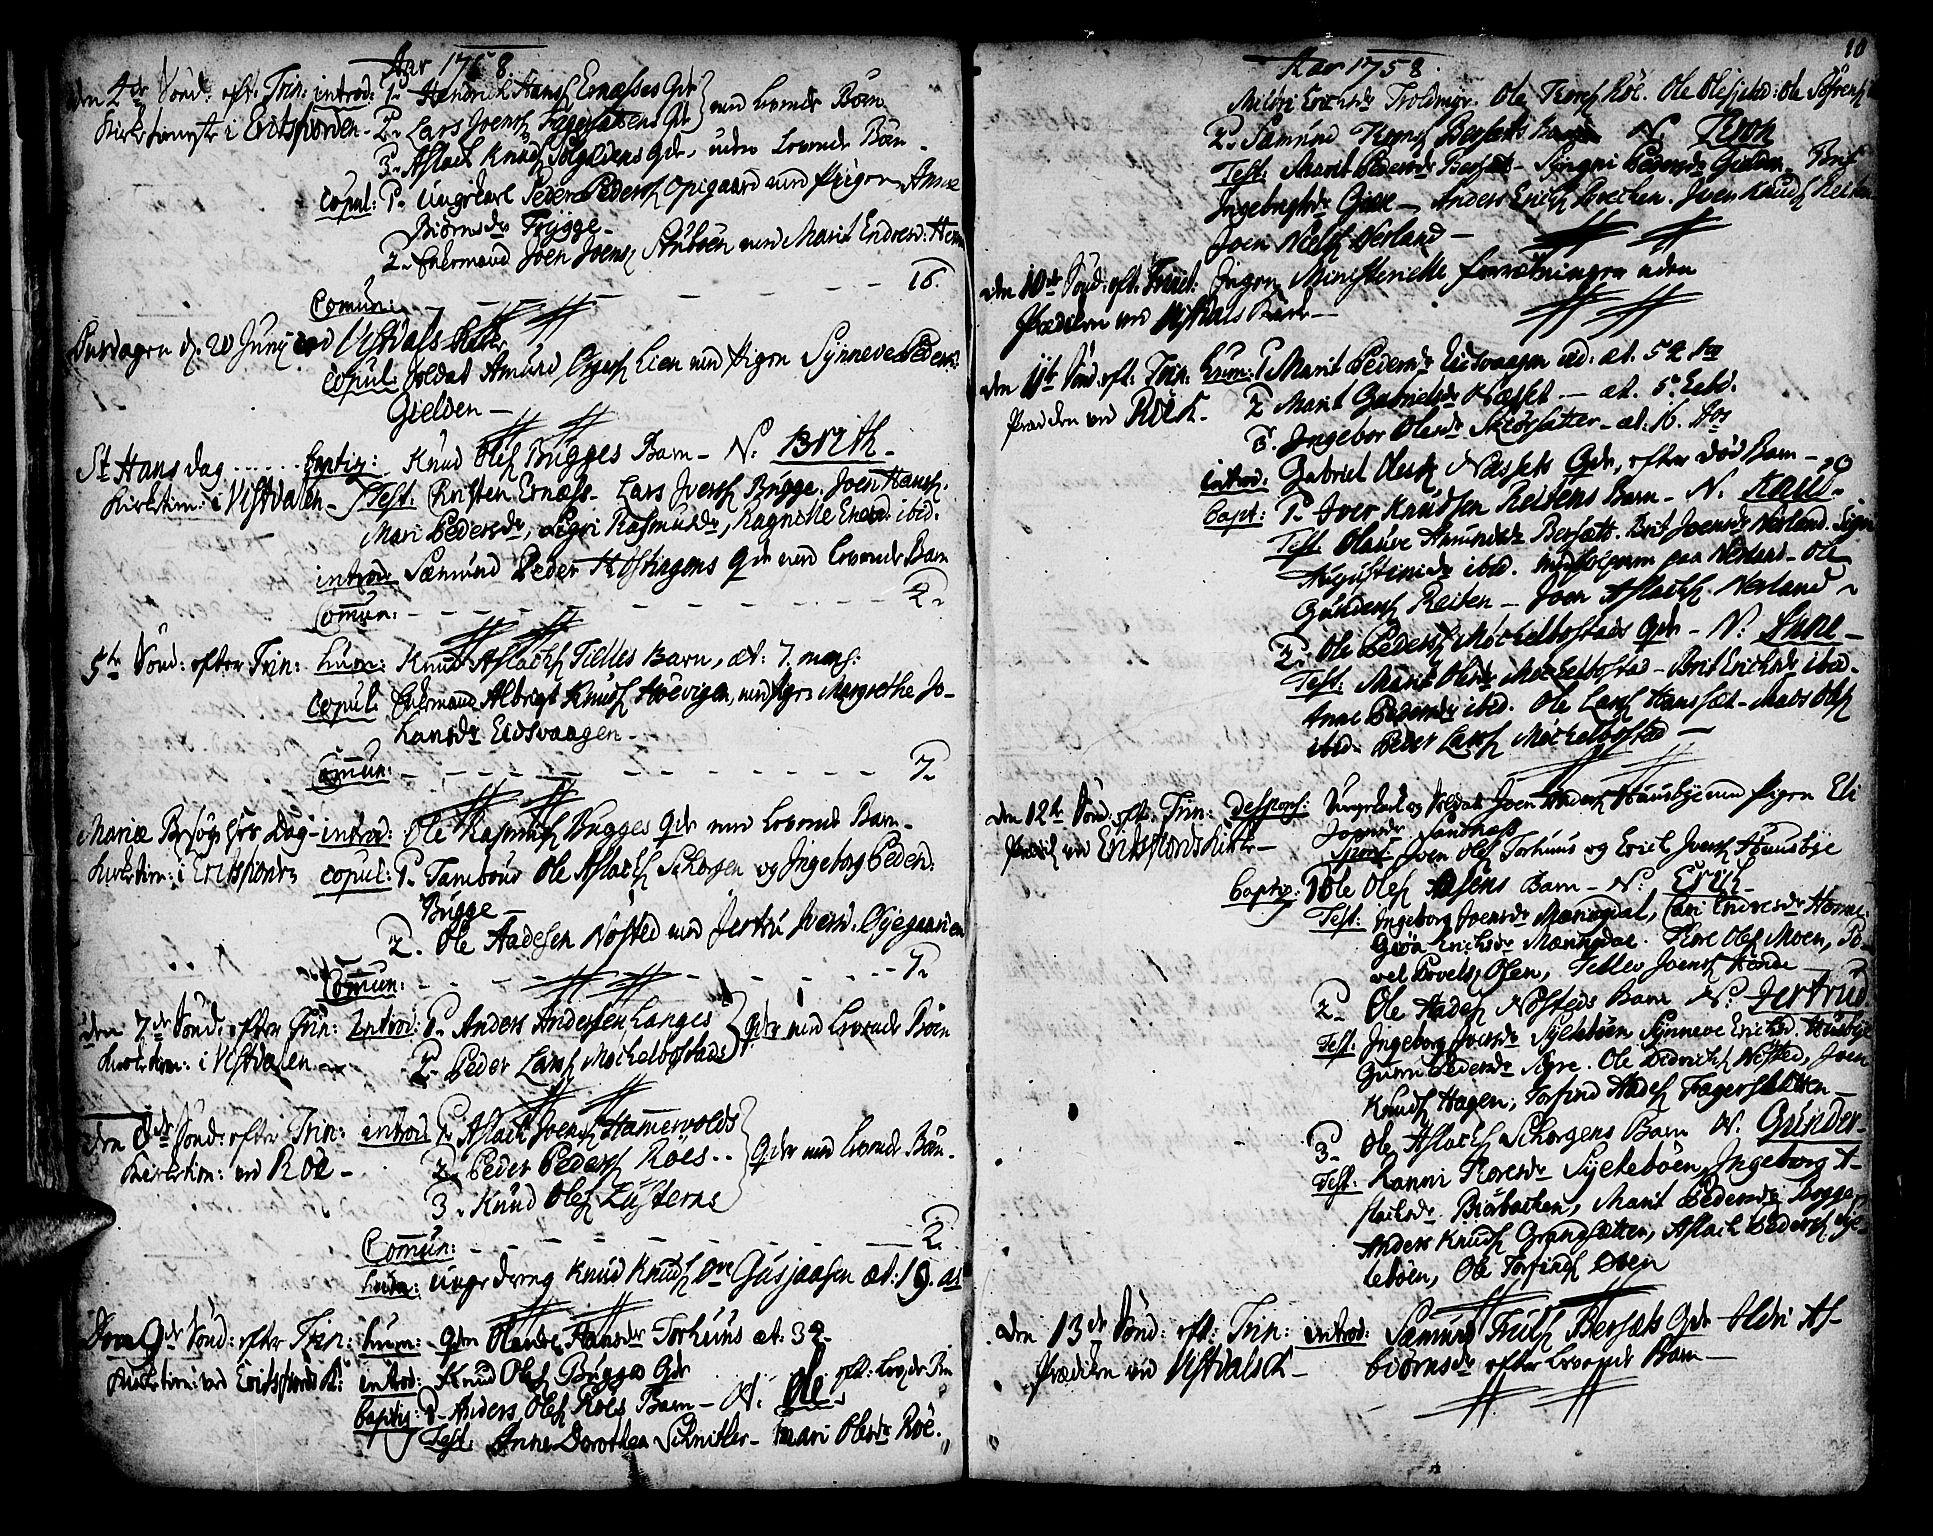 SAT, Ministerialprotokoller, klokkerbøker og fødselsregistre - Møre og Romsdal, 551/L0621: Ministerialbok nr. 551A01, 1757-1803, s. 10